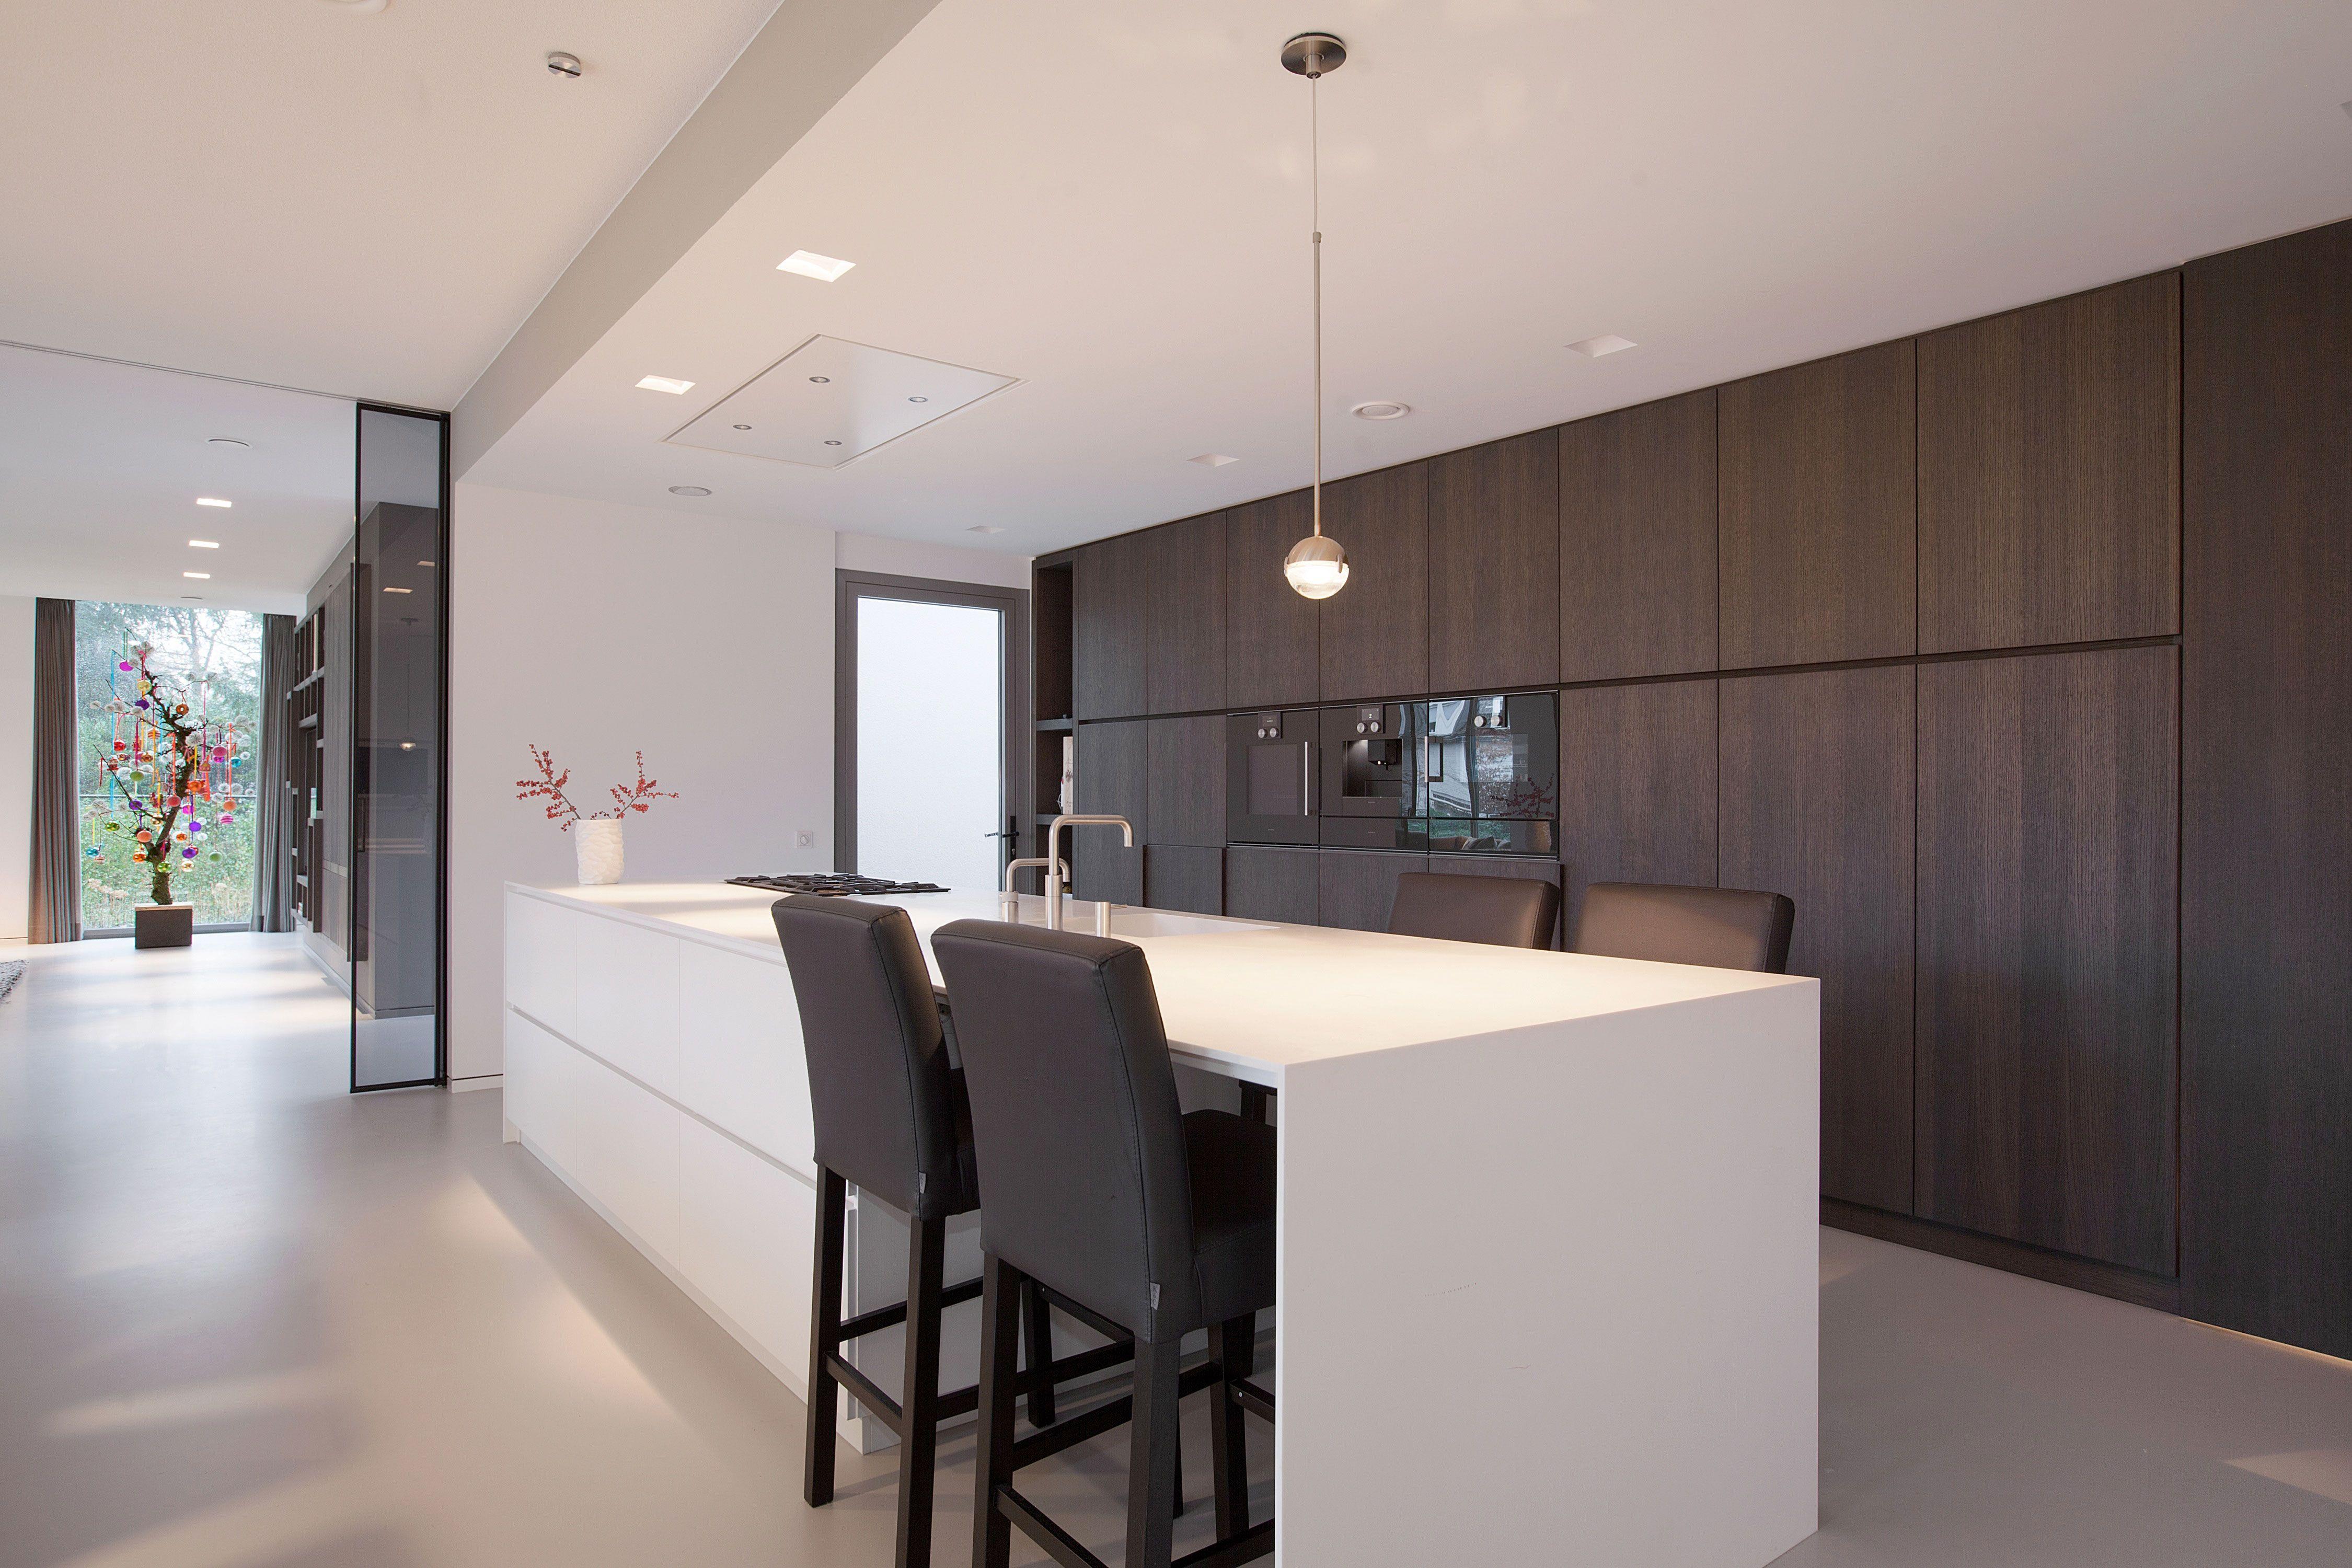 Design Keukens Gelderland : Keijser co woonhuis gelderland keuken cuisine moderne séjour